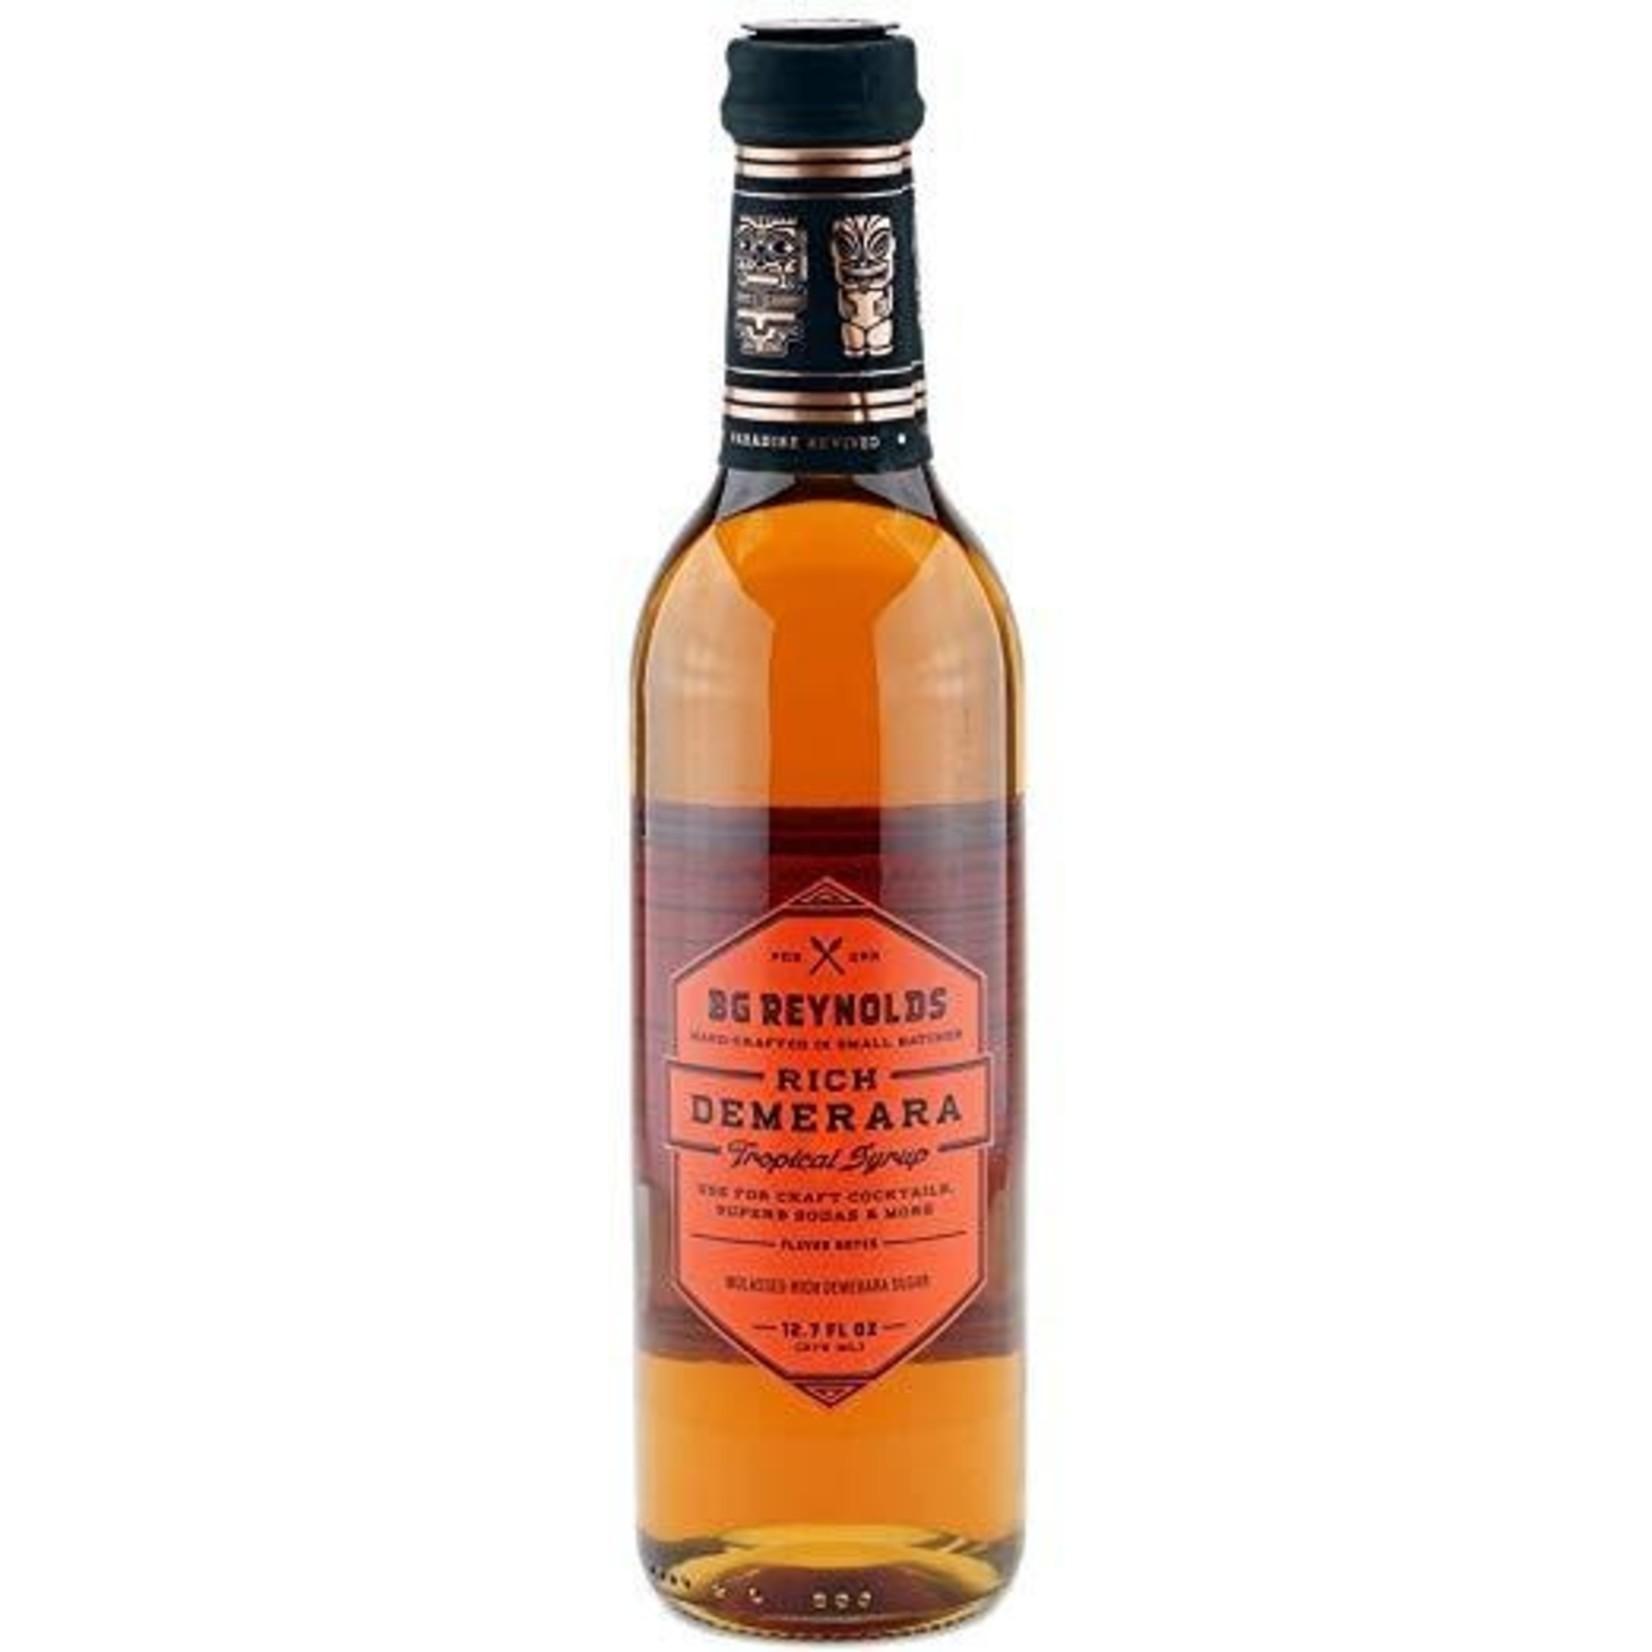 BG Reynolds BG Reynolds Syrup Rich Demerara 375ml